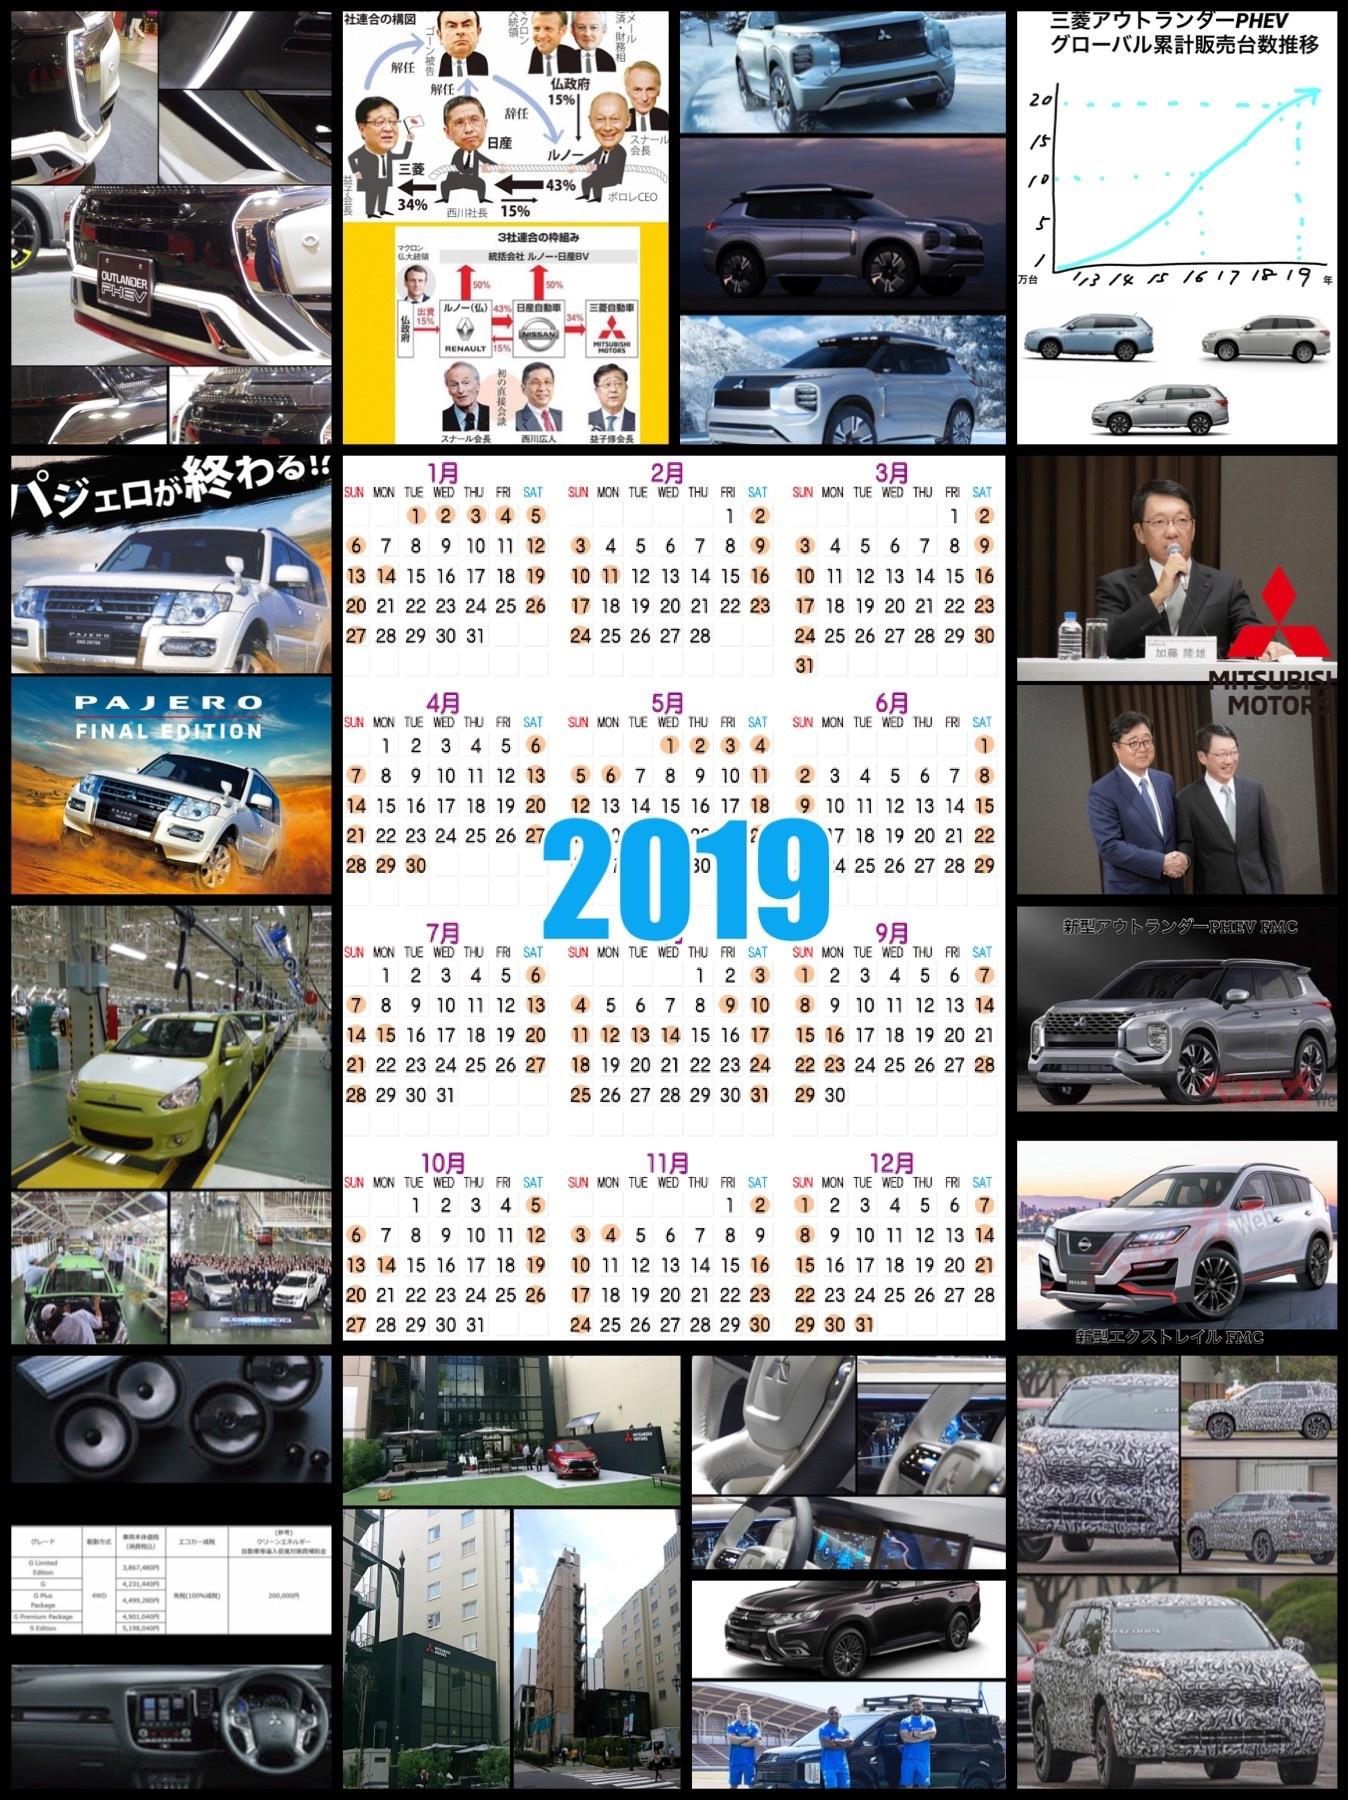 三菱アウトランダーPHEVに関する1年を振り返る2019年